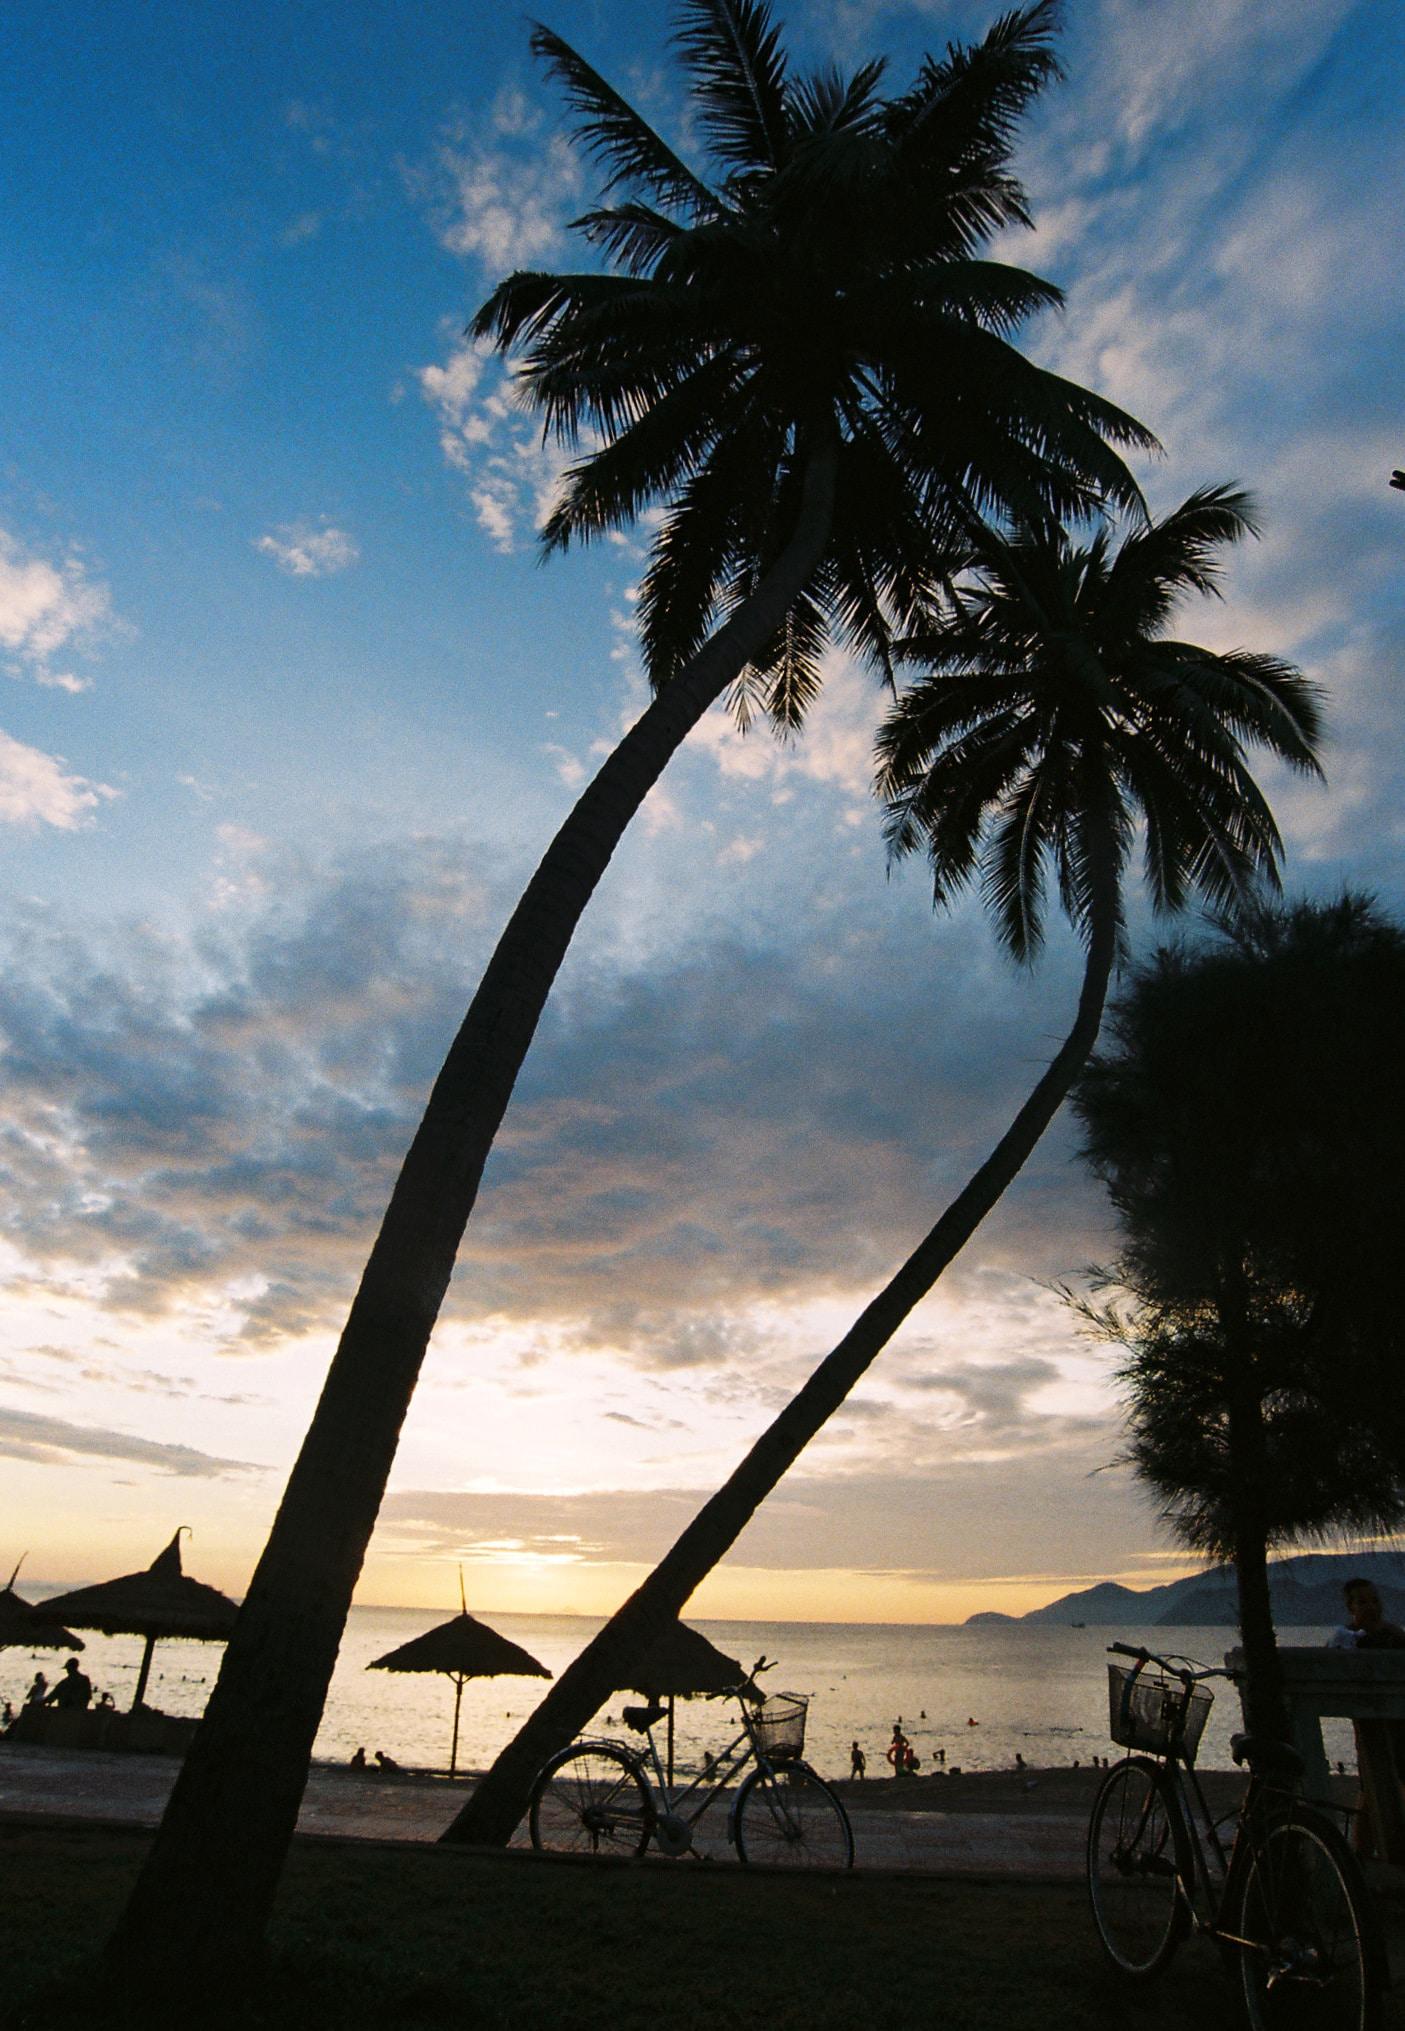 Beach Sunset at Nha Trang, Khanh Hoa, Vietnam